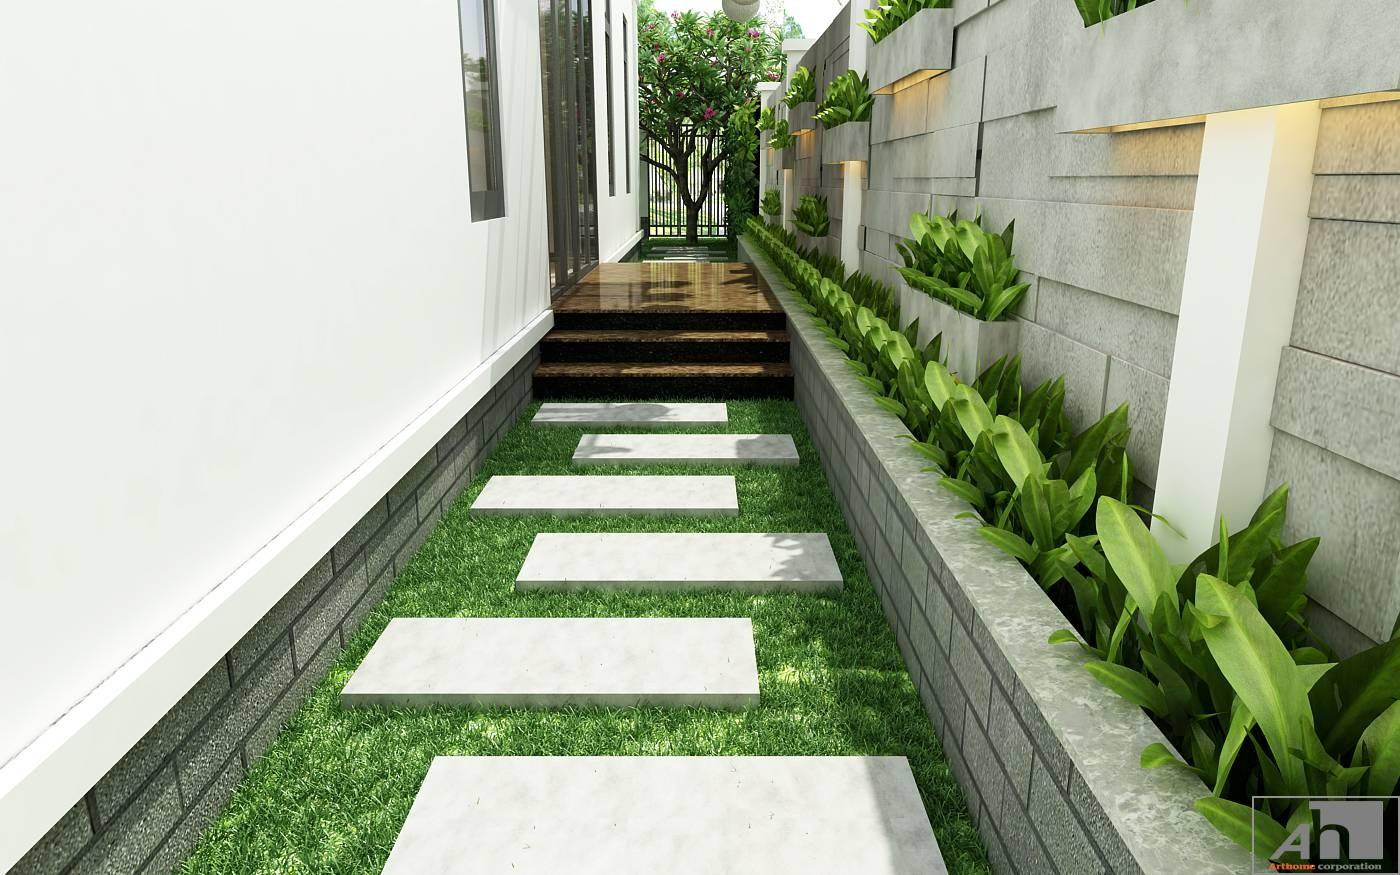 thiết kế nội thất biệt thự vườn lakeview